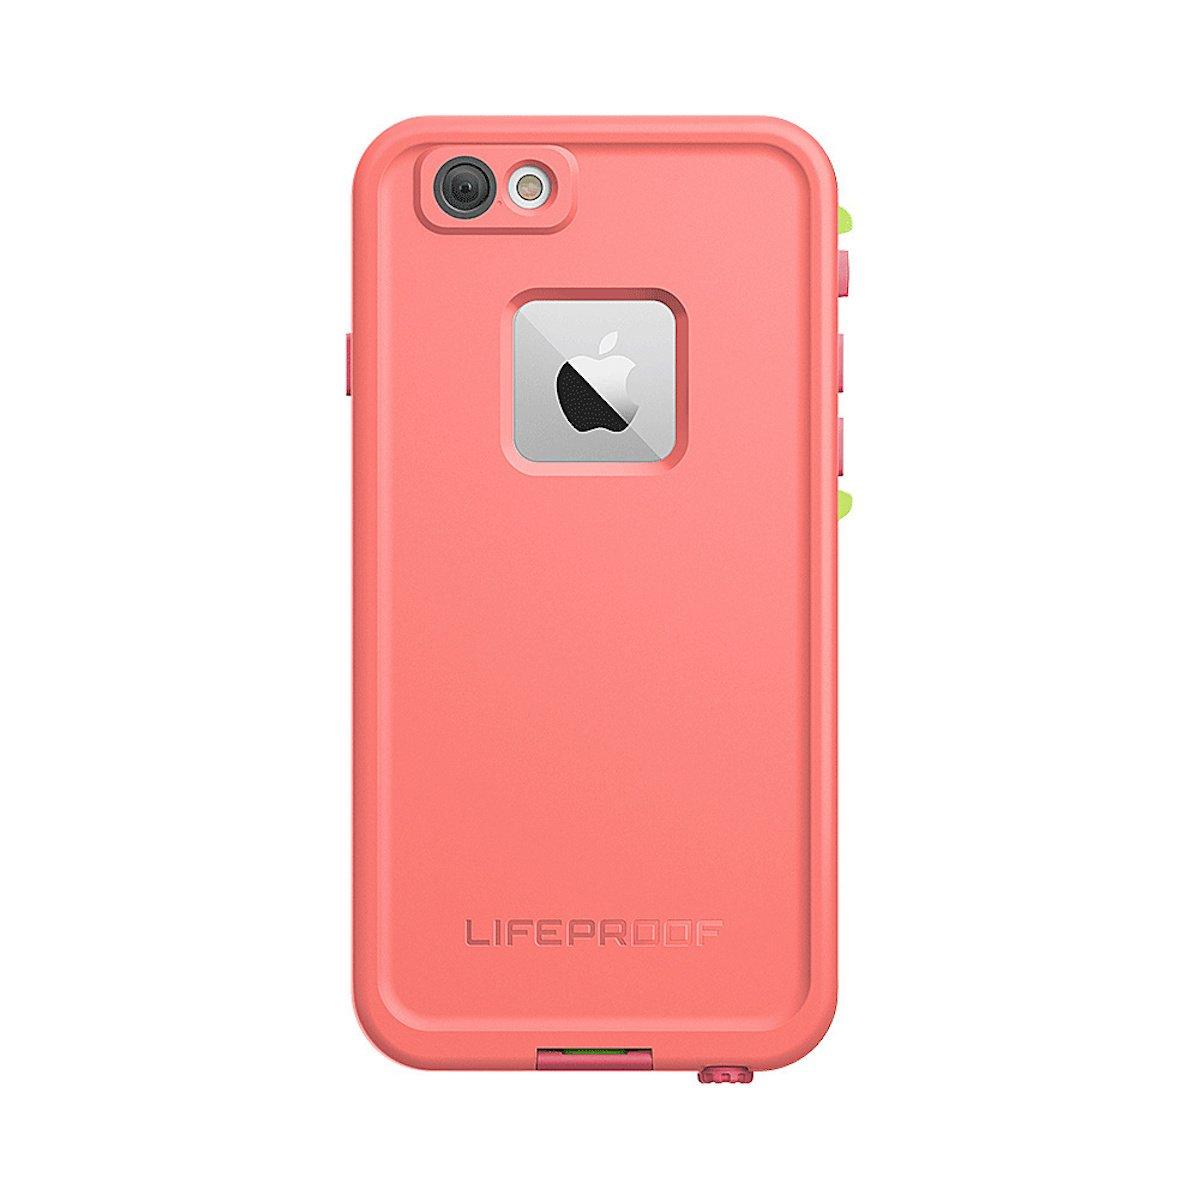 Funda lifeproof fre iphone 6s plus 77 52561 rosa sears com mx me entiende - Fundas lifeproof ...